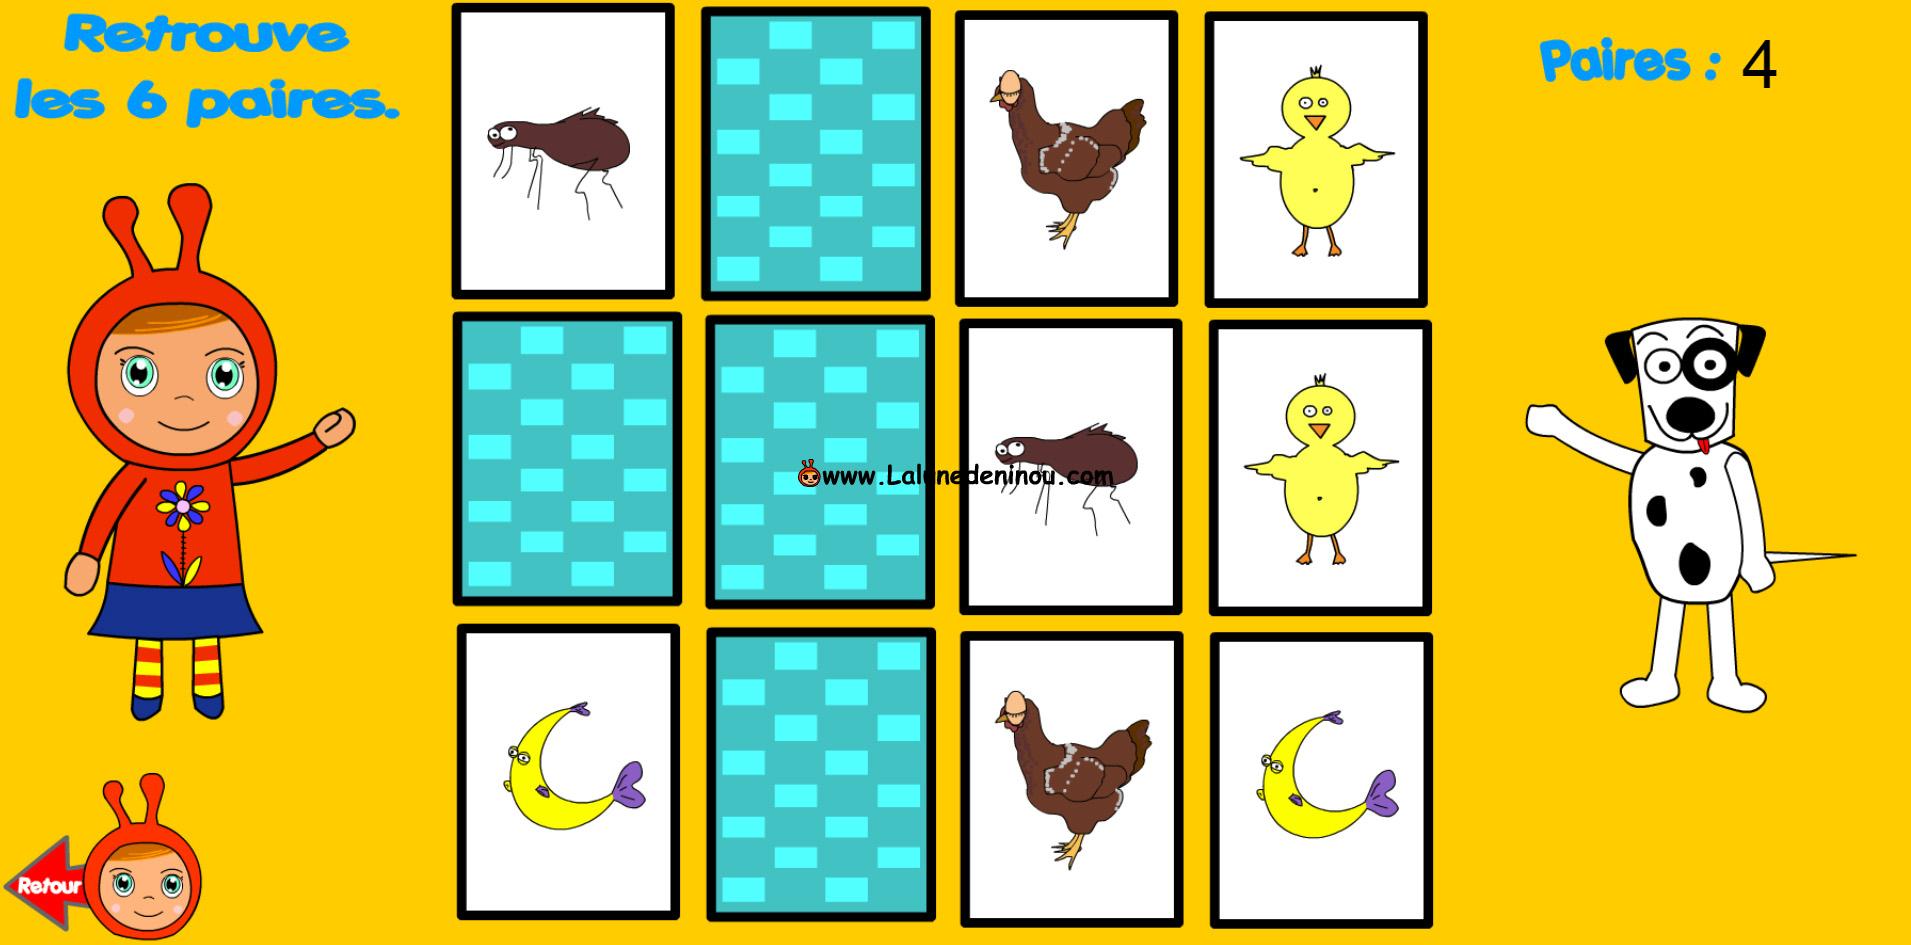 Jeu De Memoire Cartes Identiques - Memory - Jeux Pour à Jeux De Memoire Enfant